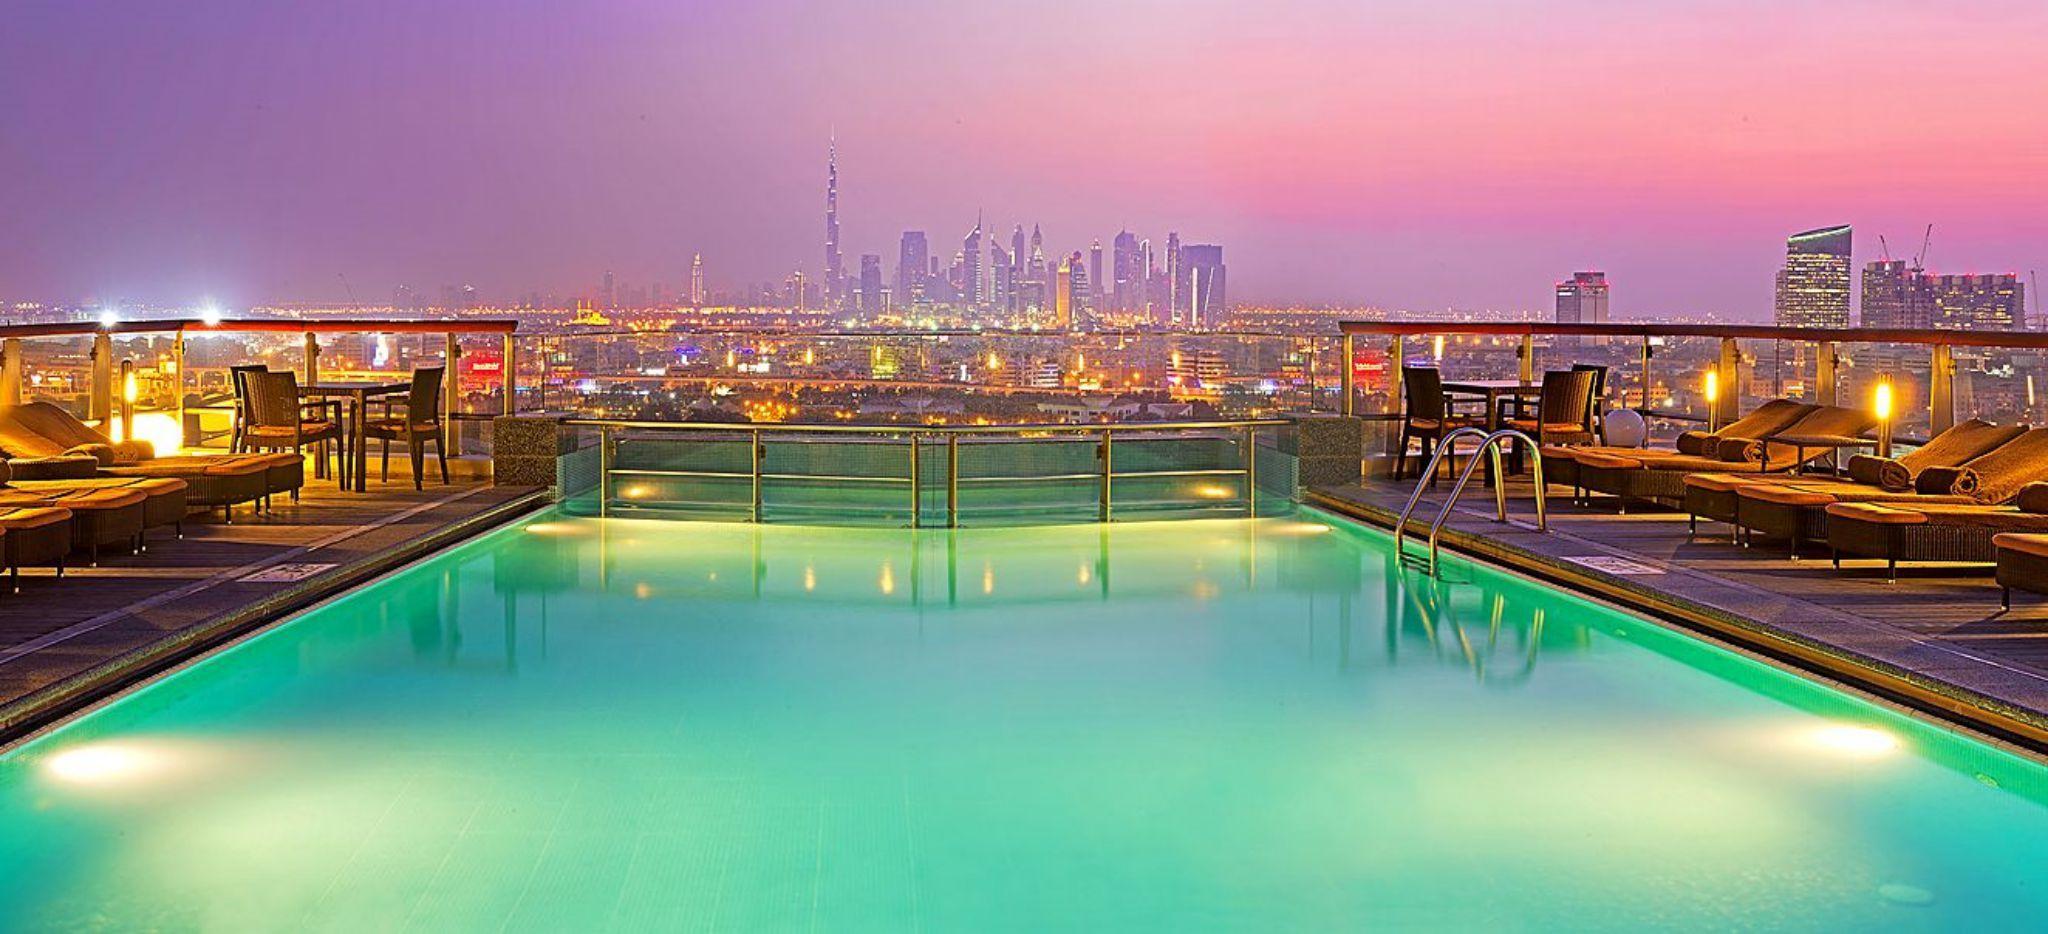 """Pool des Hotels """"Hilton Dubai Creek"""" auf die Skyline Dubais. Hell erleichtet"""